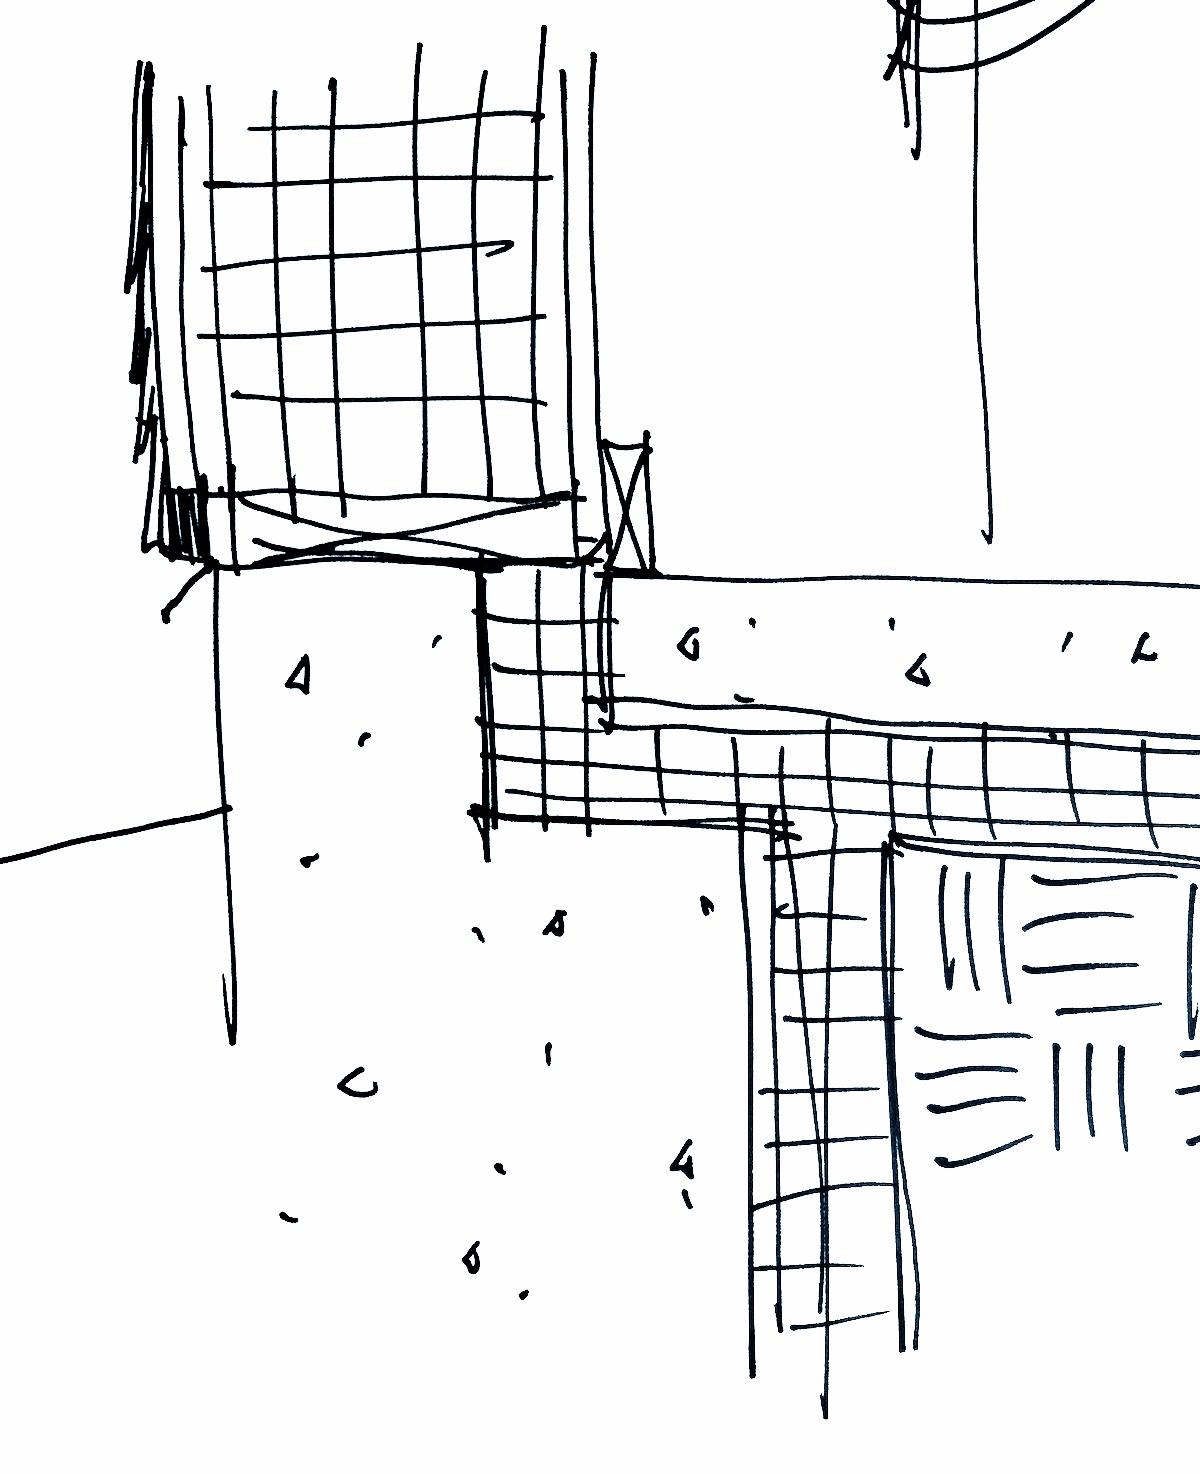 design development by Macht Architects